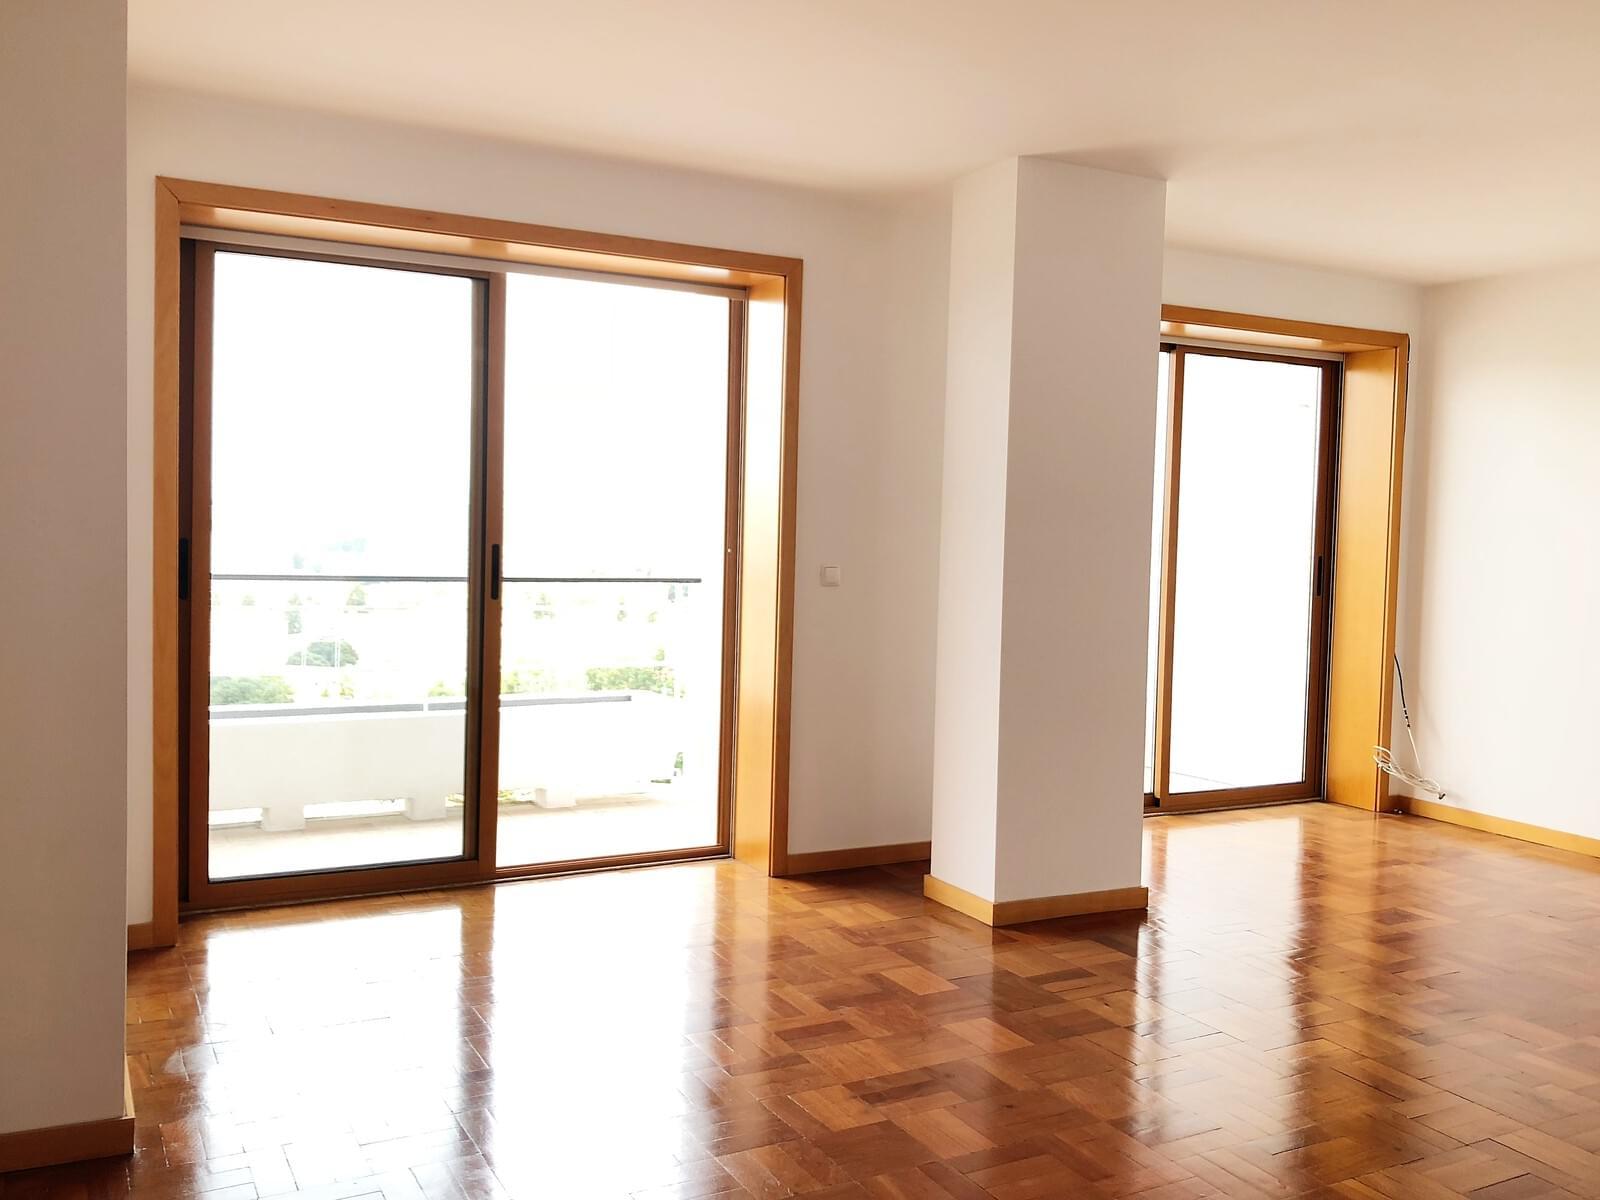 pf18040-apartamento-t3-lisboa-a7528634-c51b-4bdb-8a2c-636e7d61e735